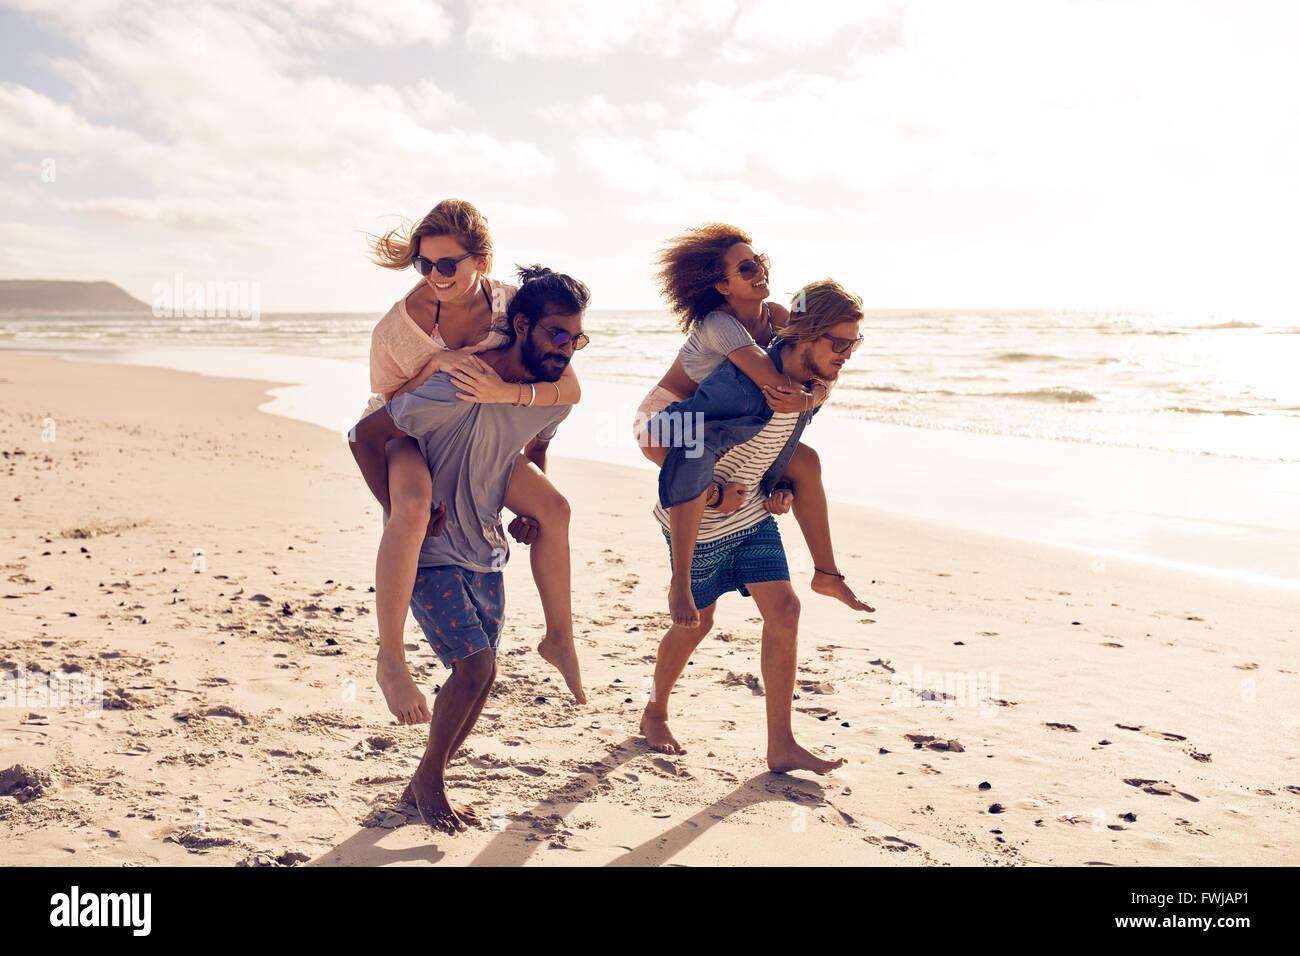 Zwei schöne junge Paare zu Fuß am Strand entlang, mit Männern geben Huckepack Fahrt für Frauen. Stockbild